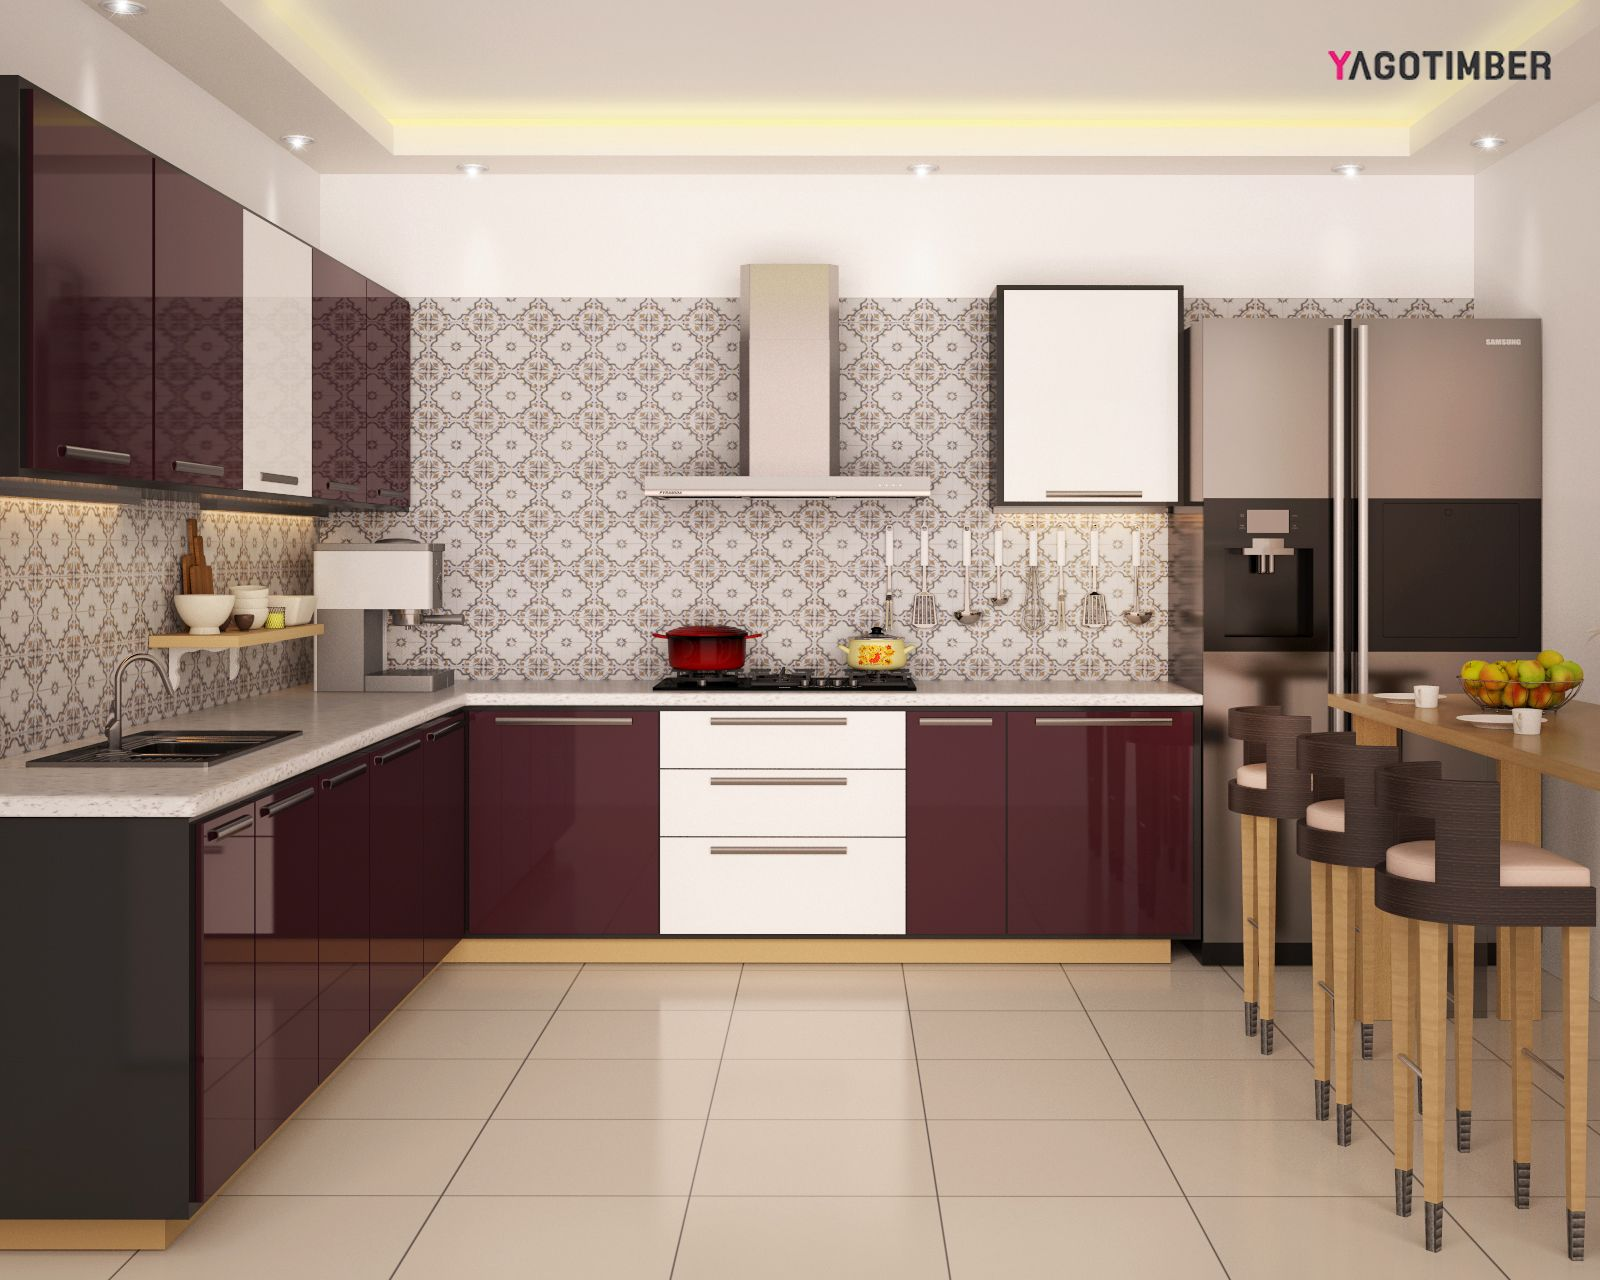 get delightful modularkitchen interior design ideas in delhi ncr only at yagotimber com on l kitchen interior modern id=97445